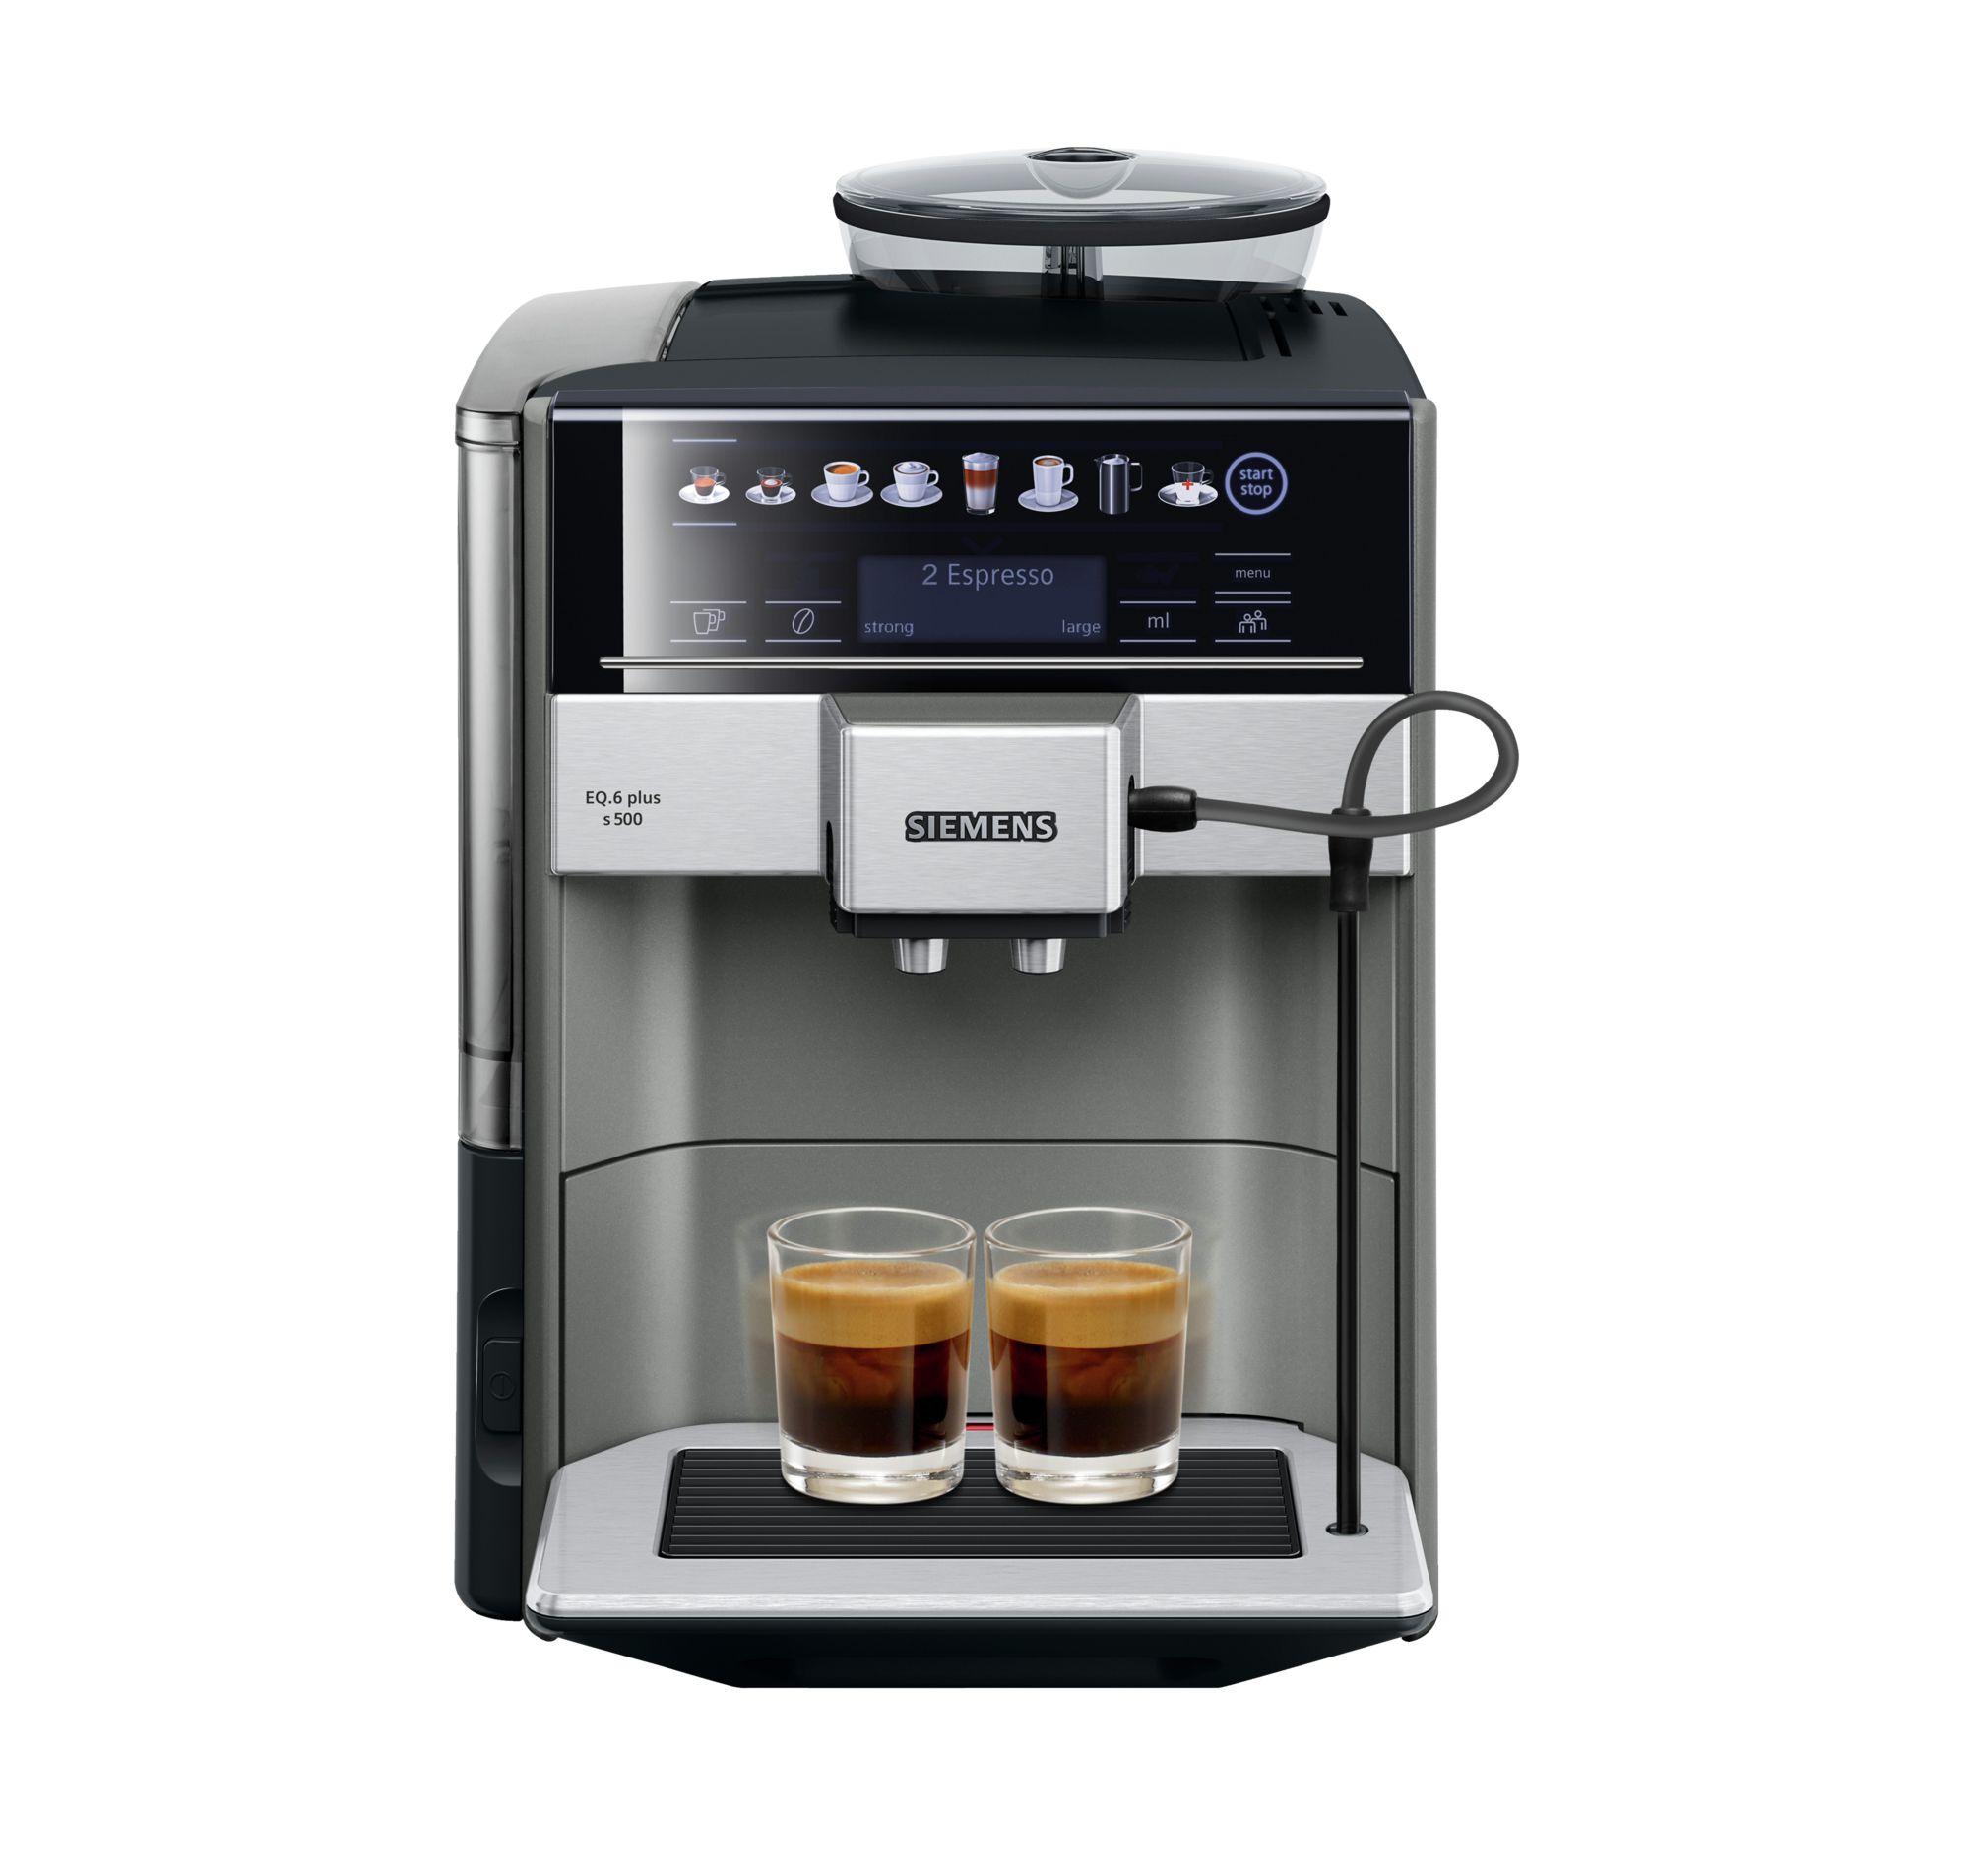 מכונת קפה אוטומטית מלאה EQ.6 plus  SIEMENS TE655203